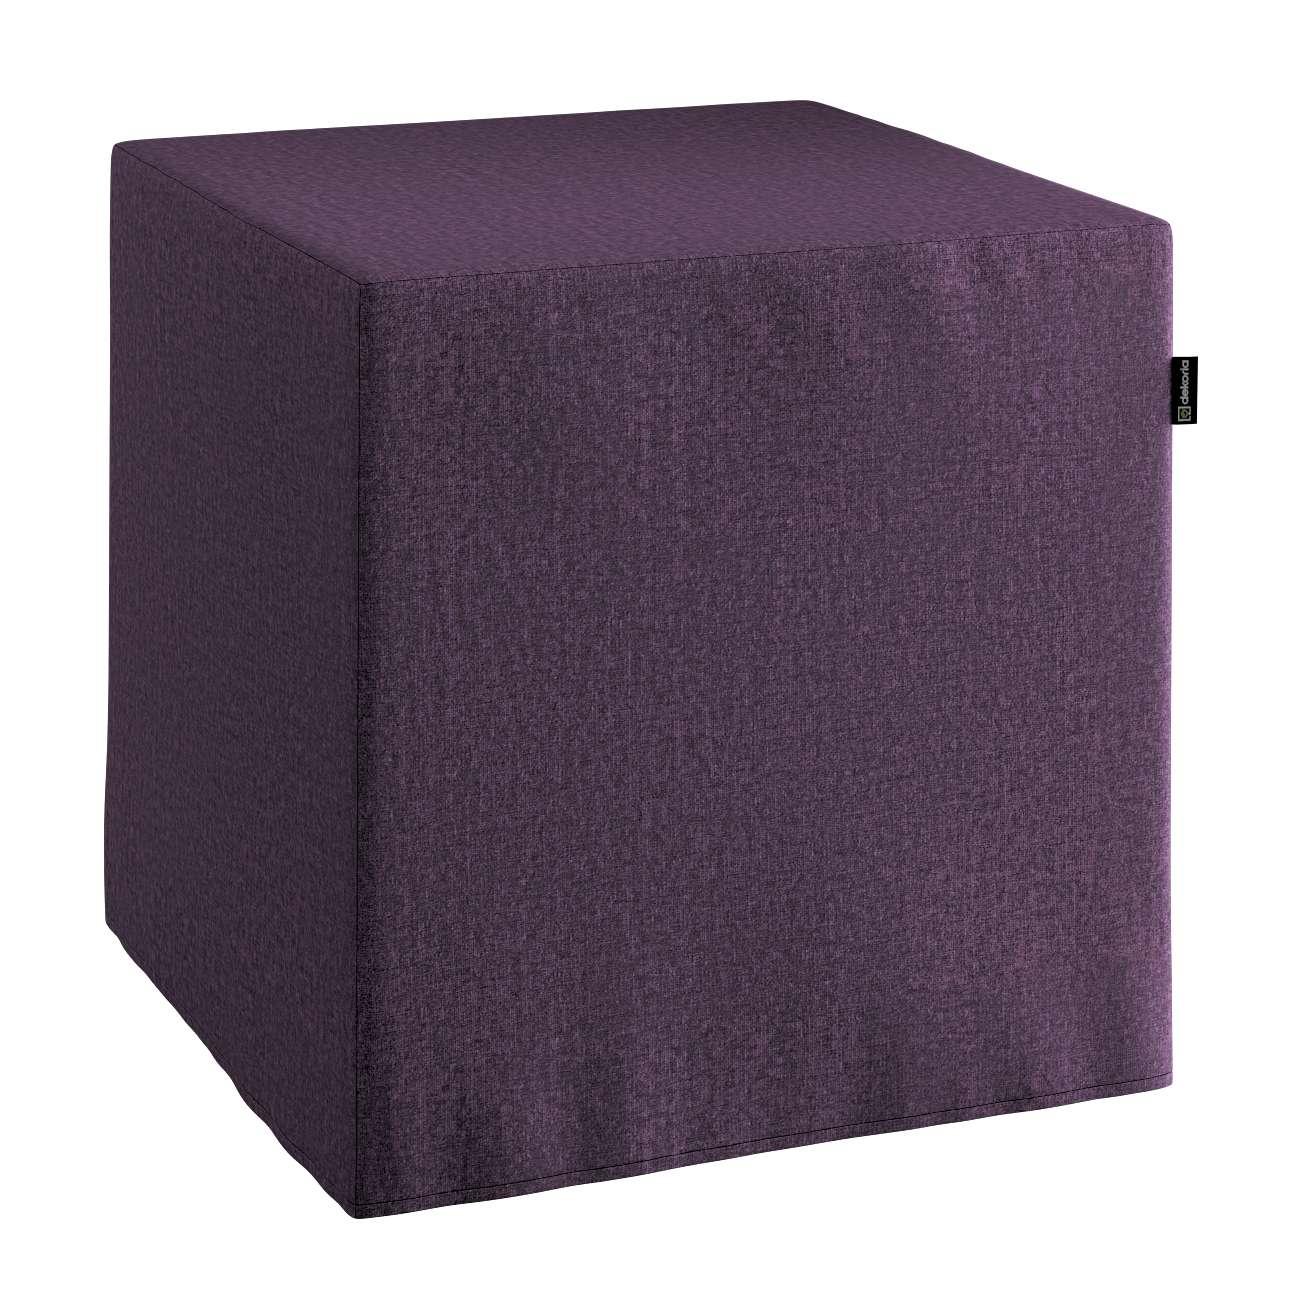 Pokrowiec na pufę kostkę w kolekcji Living, tkanina: 161-67